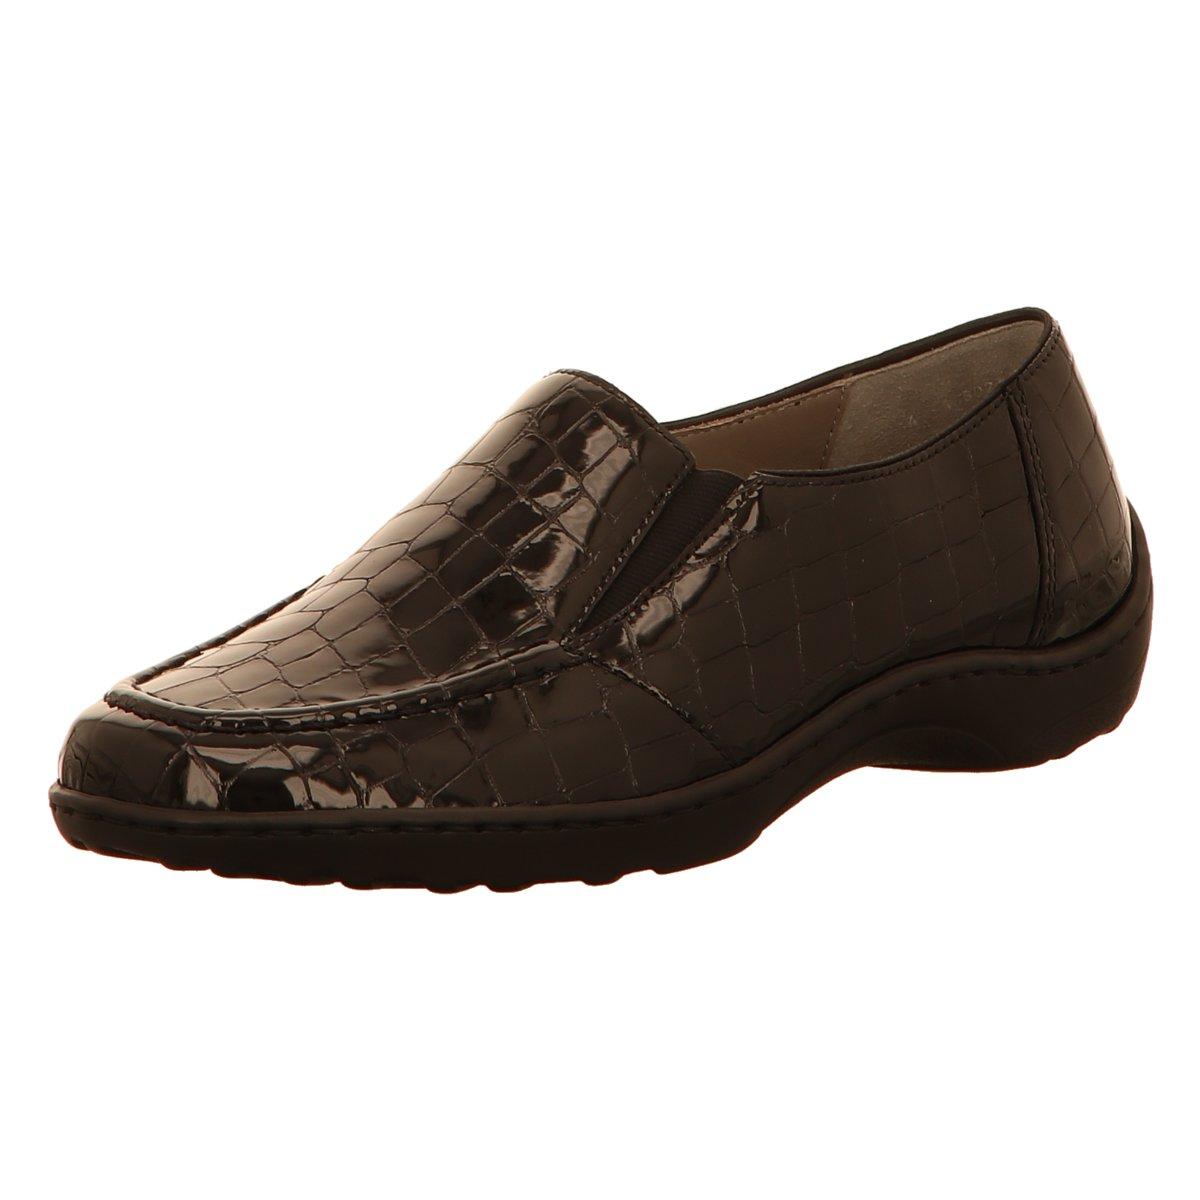 Ara Damen Slipper NOVARA 12-41010-01 schwarz 325349  | Qualitätskönigin  | Mode-Muster  | Maßstab ist der Grundstein, Qualität ist Säulenbalken, Preis ist Leiter